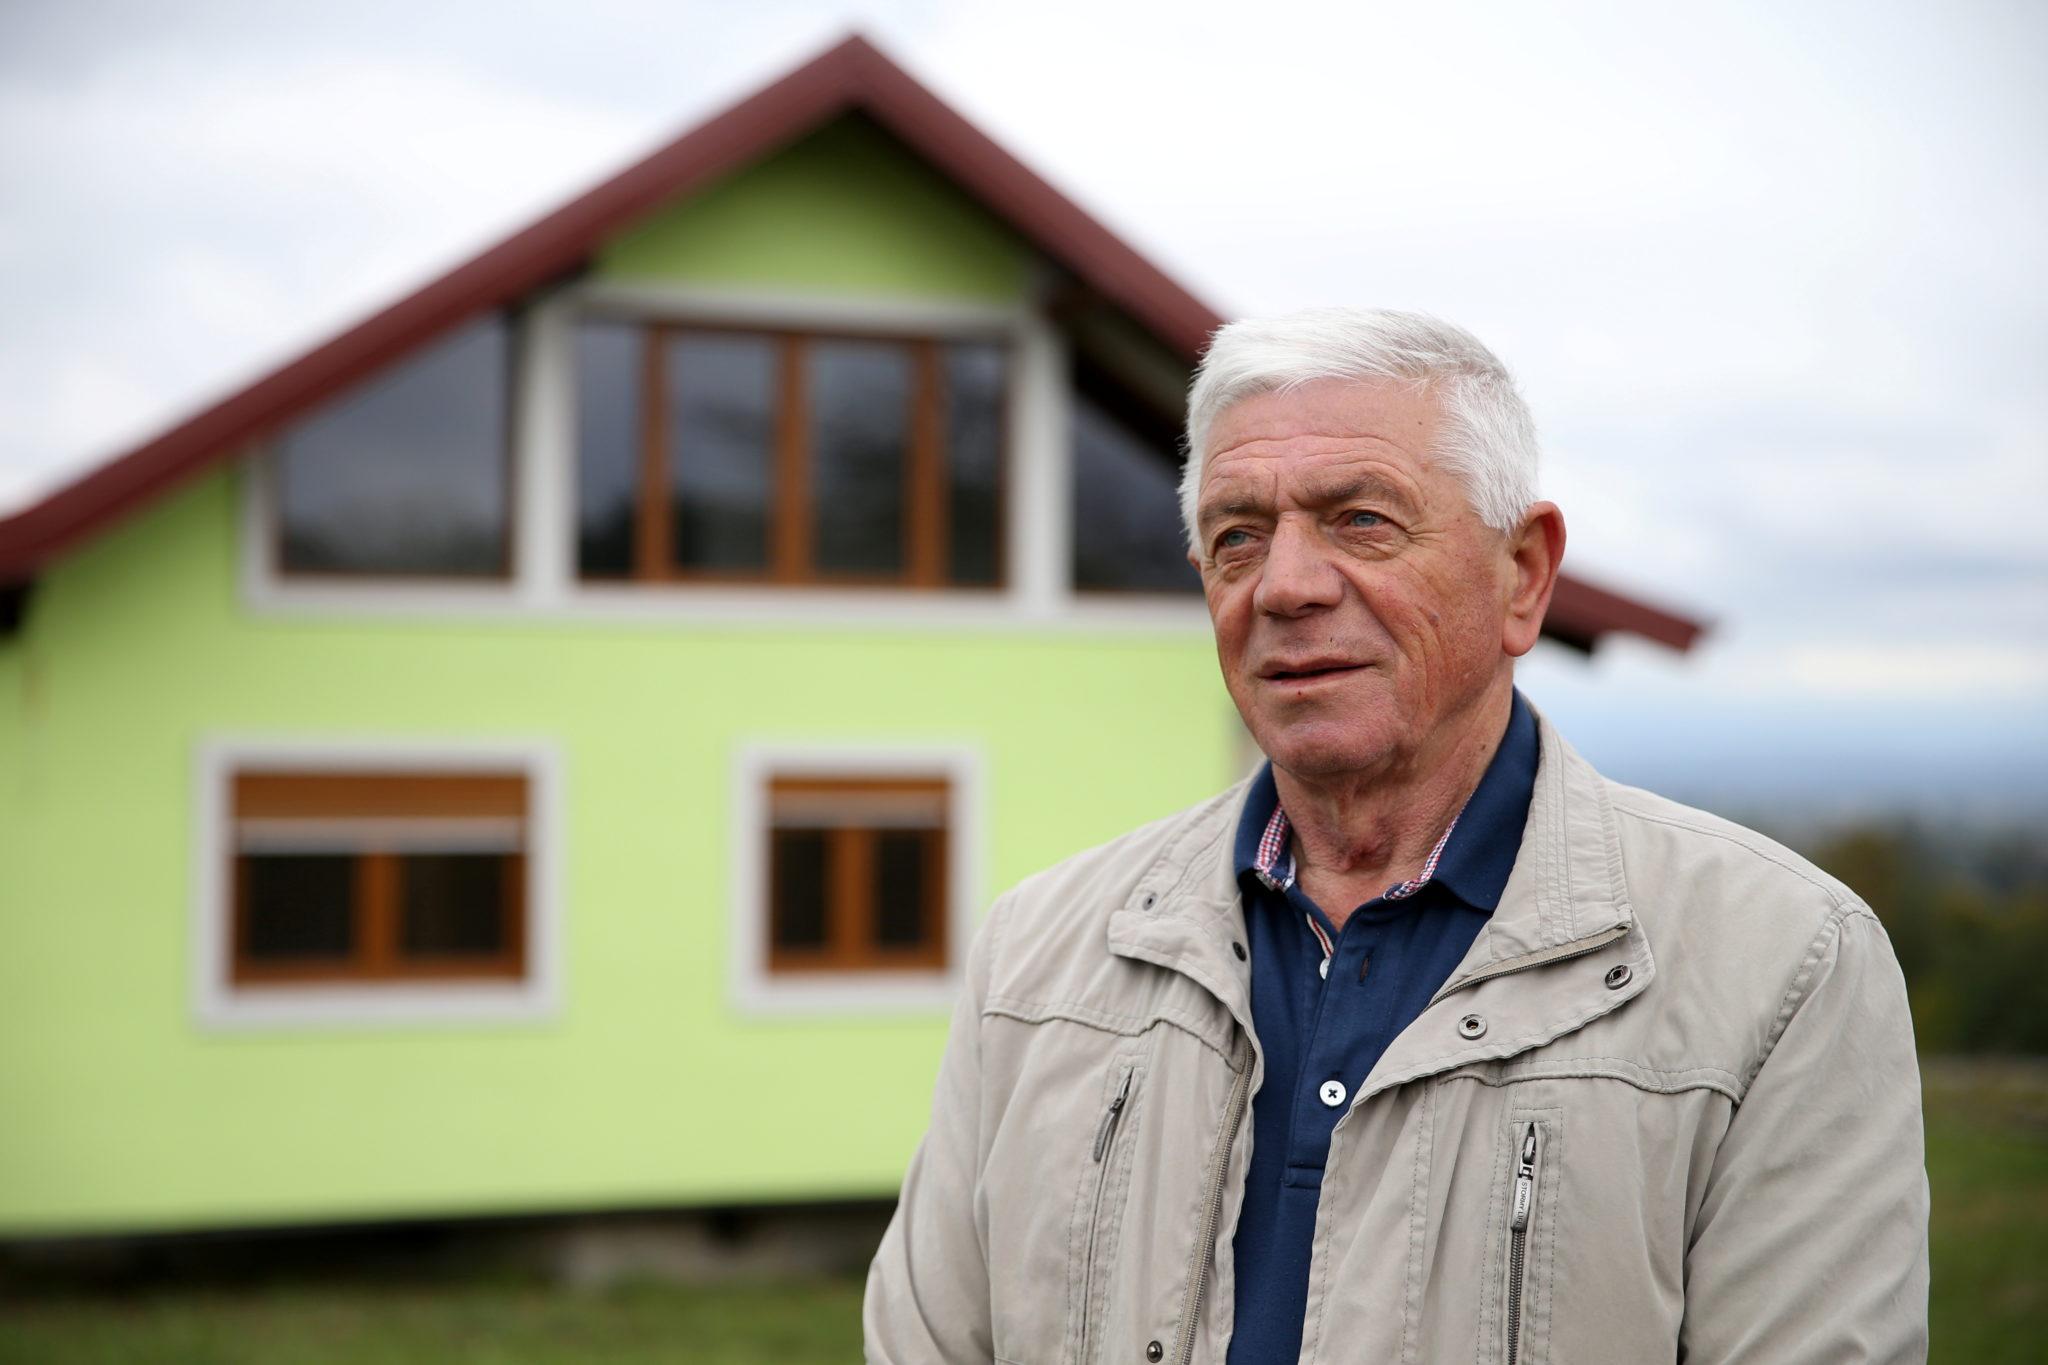 Воїн Кушич позується для фотозйомки перед своїм будинком, що обертається, у Србаці, Боснія і Герцеговина, 9 жовтня 2021 року. REUTERS/Дадо Рувіч